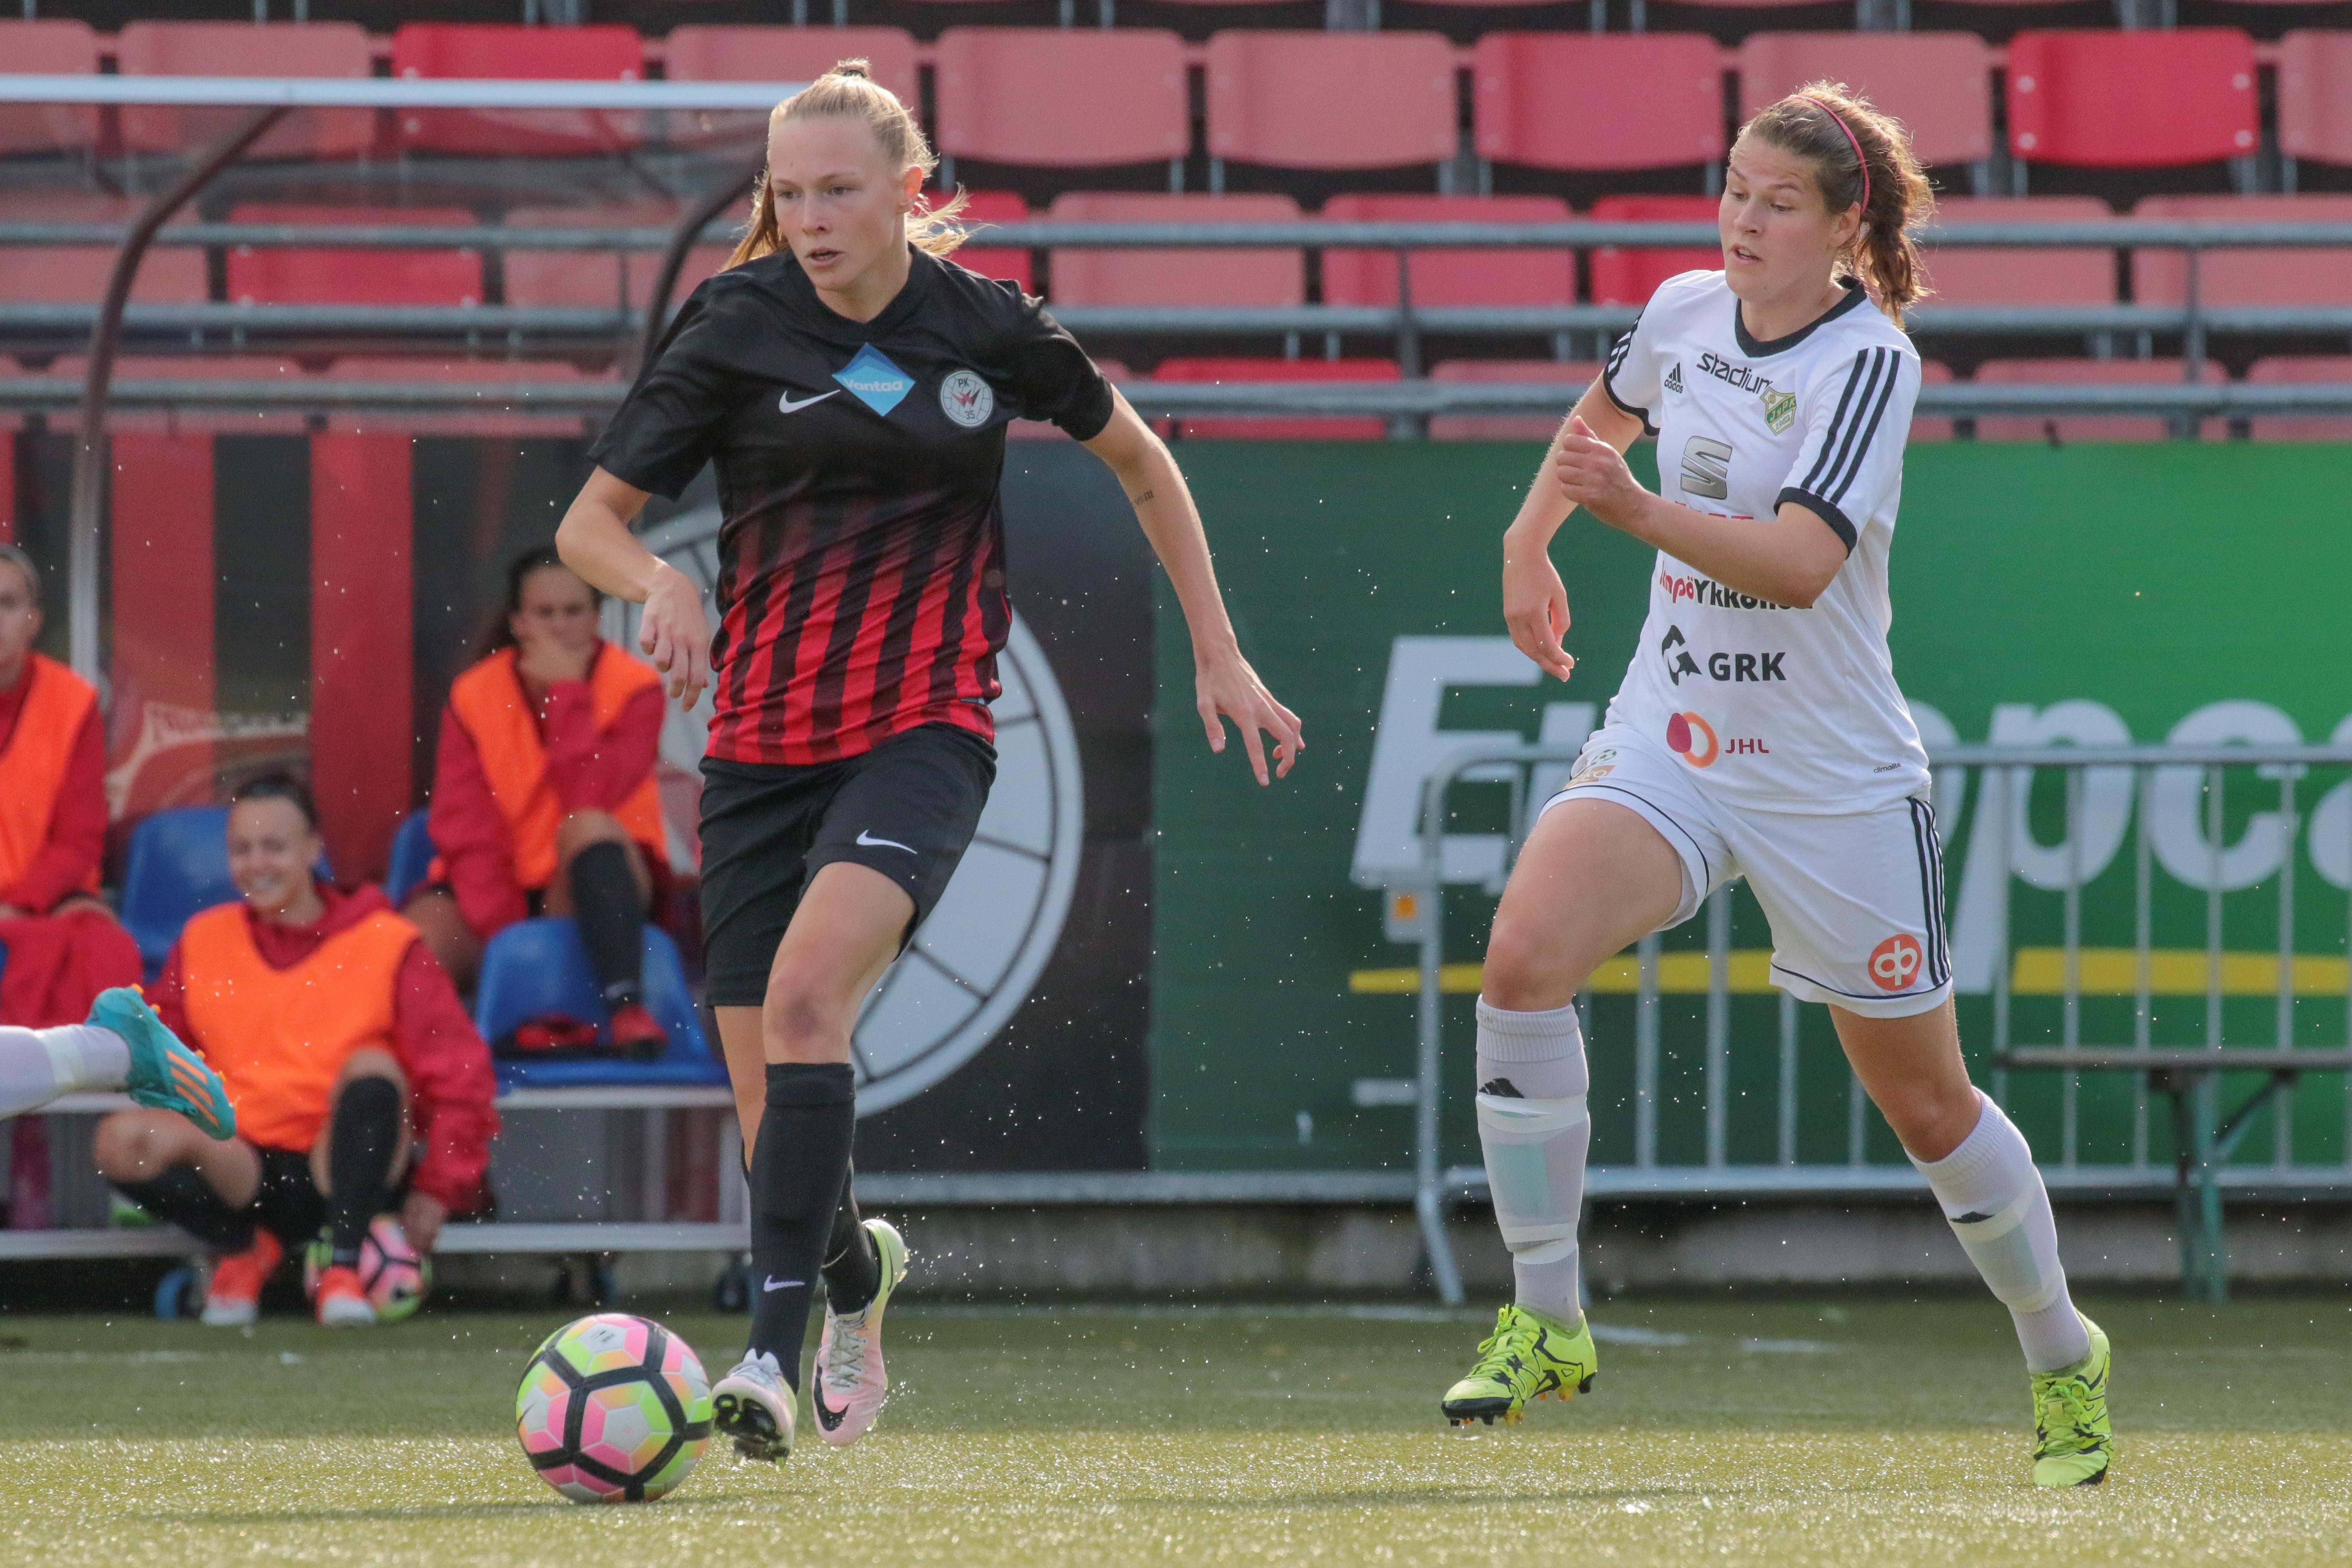 PK 35 Vantaa – JyPK, 2 1, Respect Suomen Cup, 13.8.2017 8